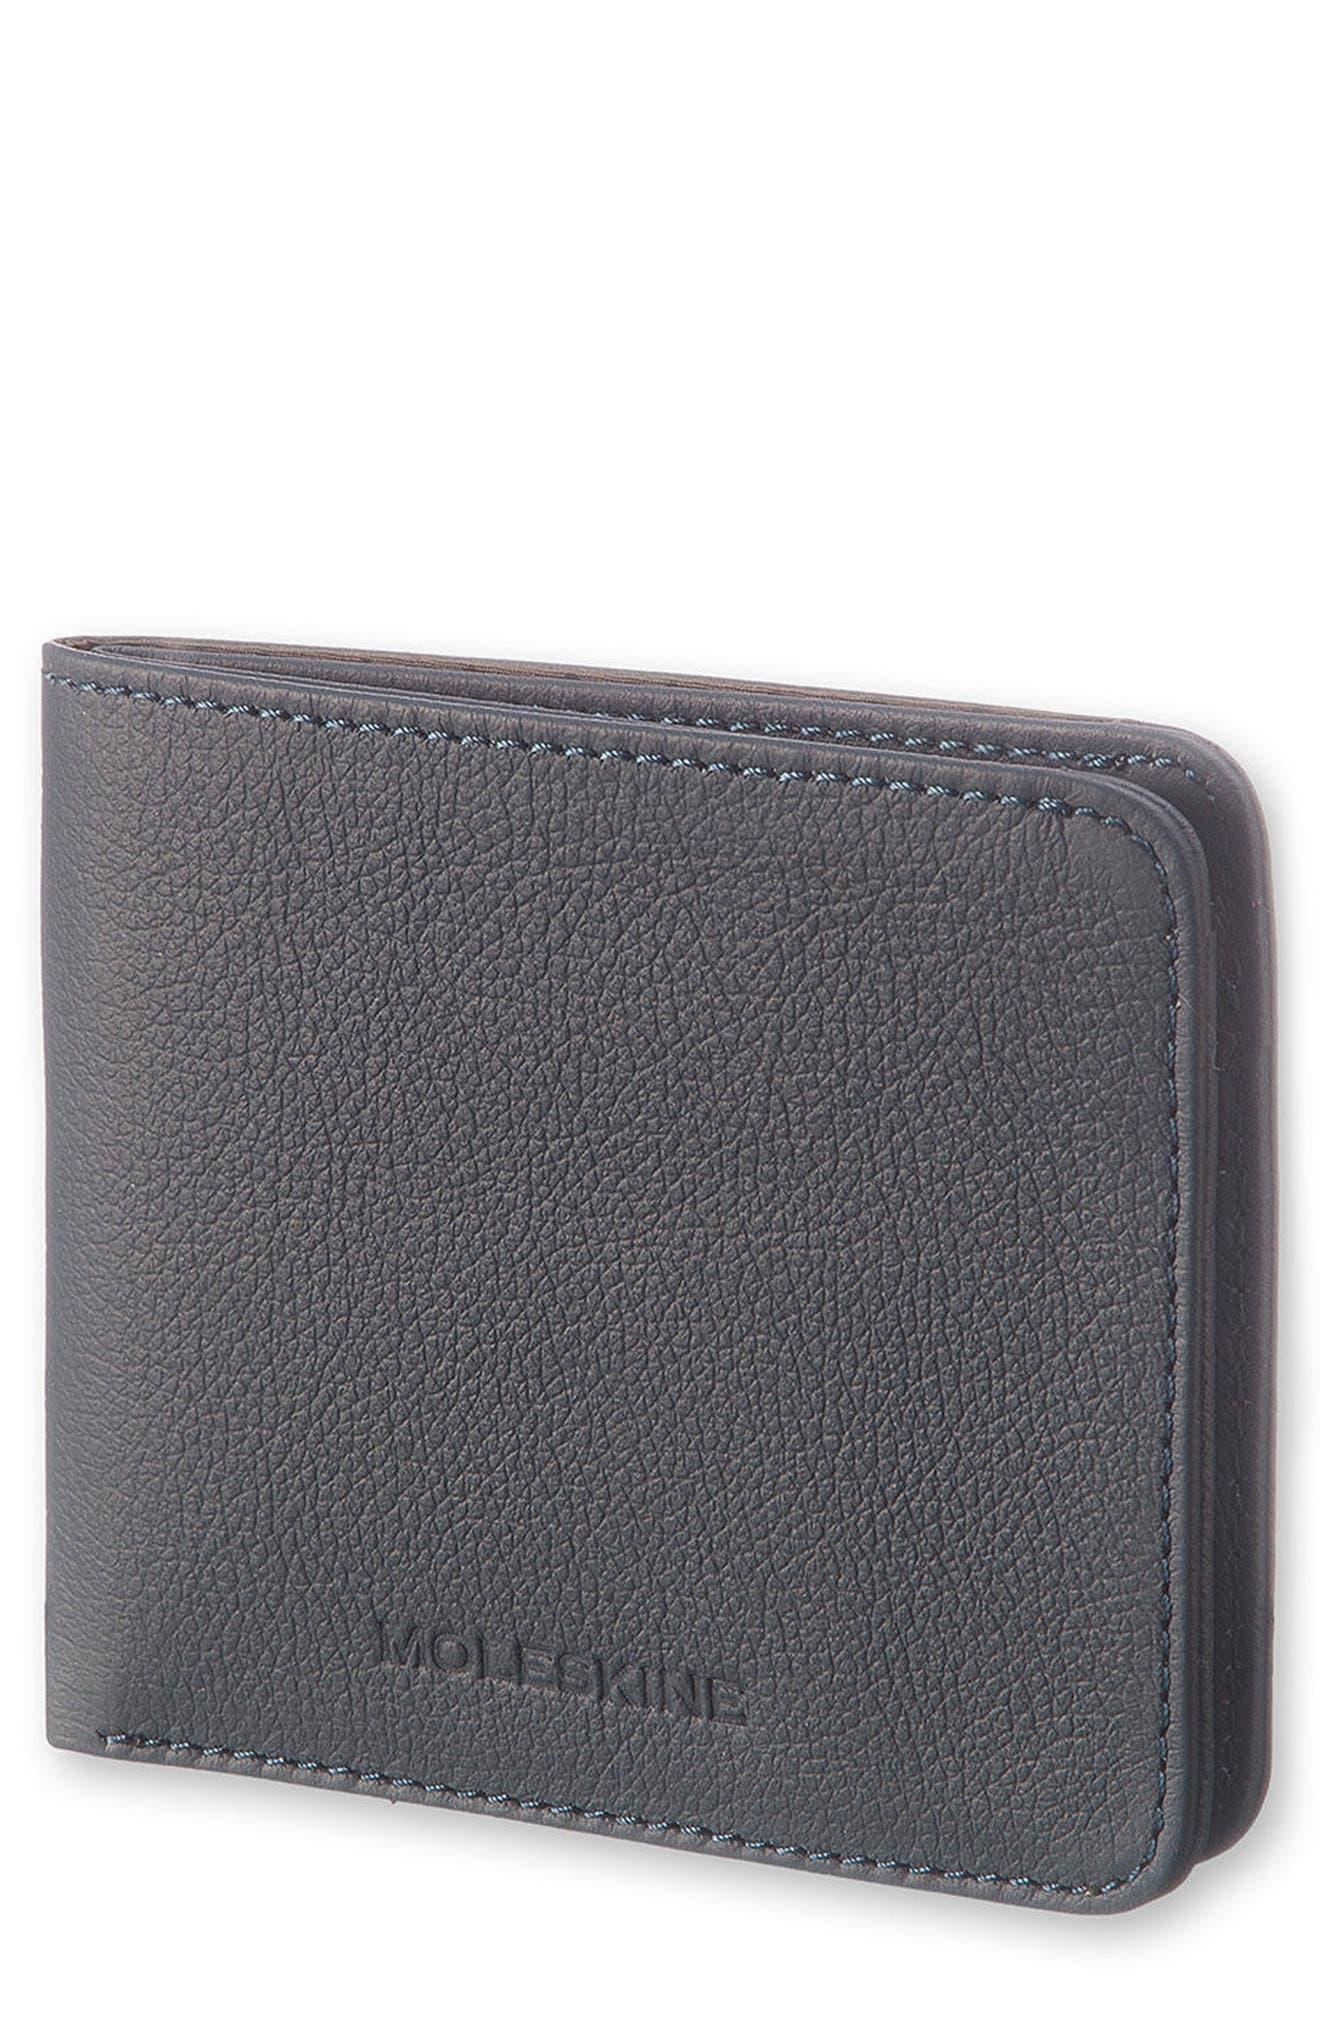 Moleskine Lineage Leather Wallet